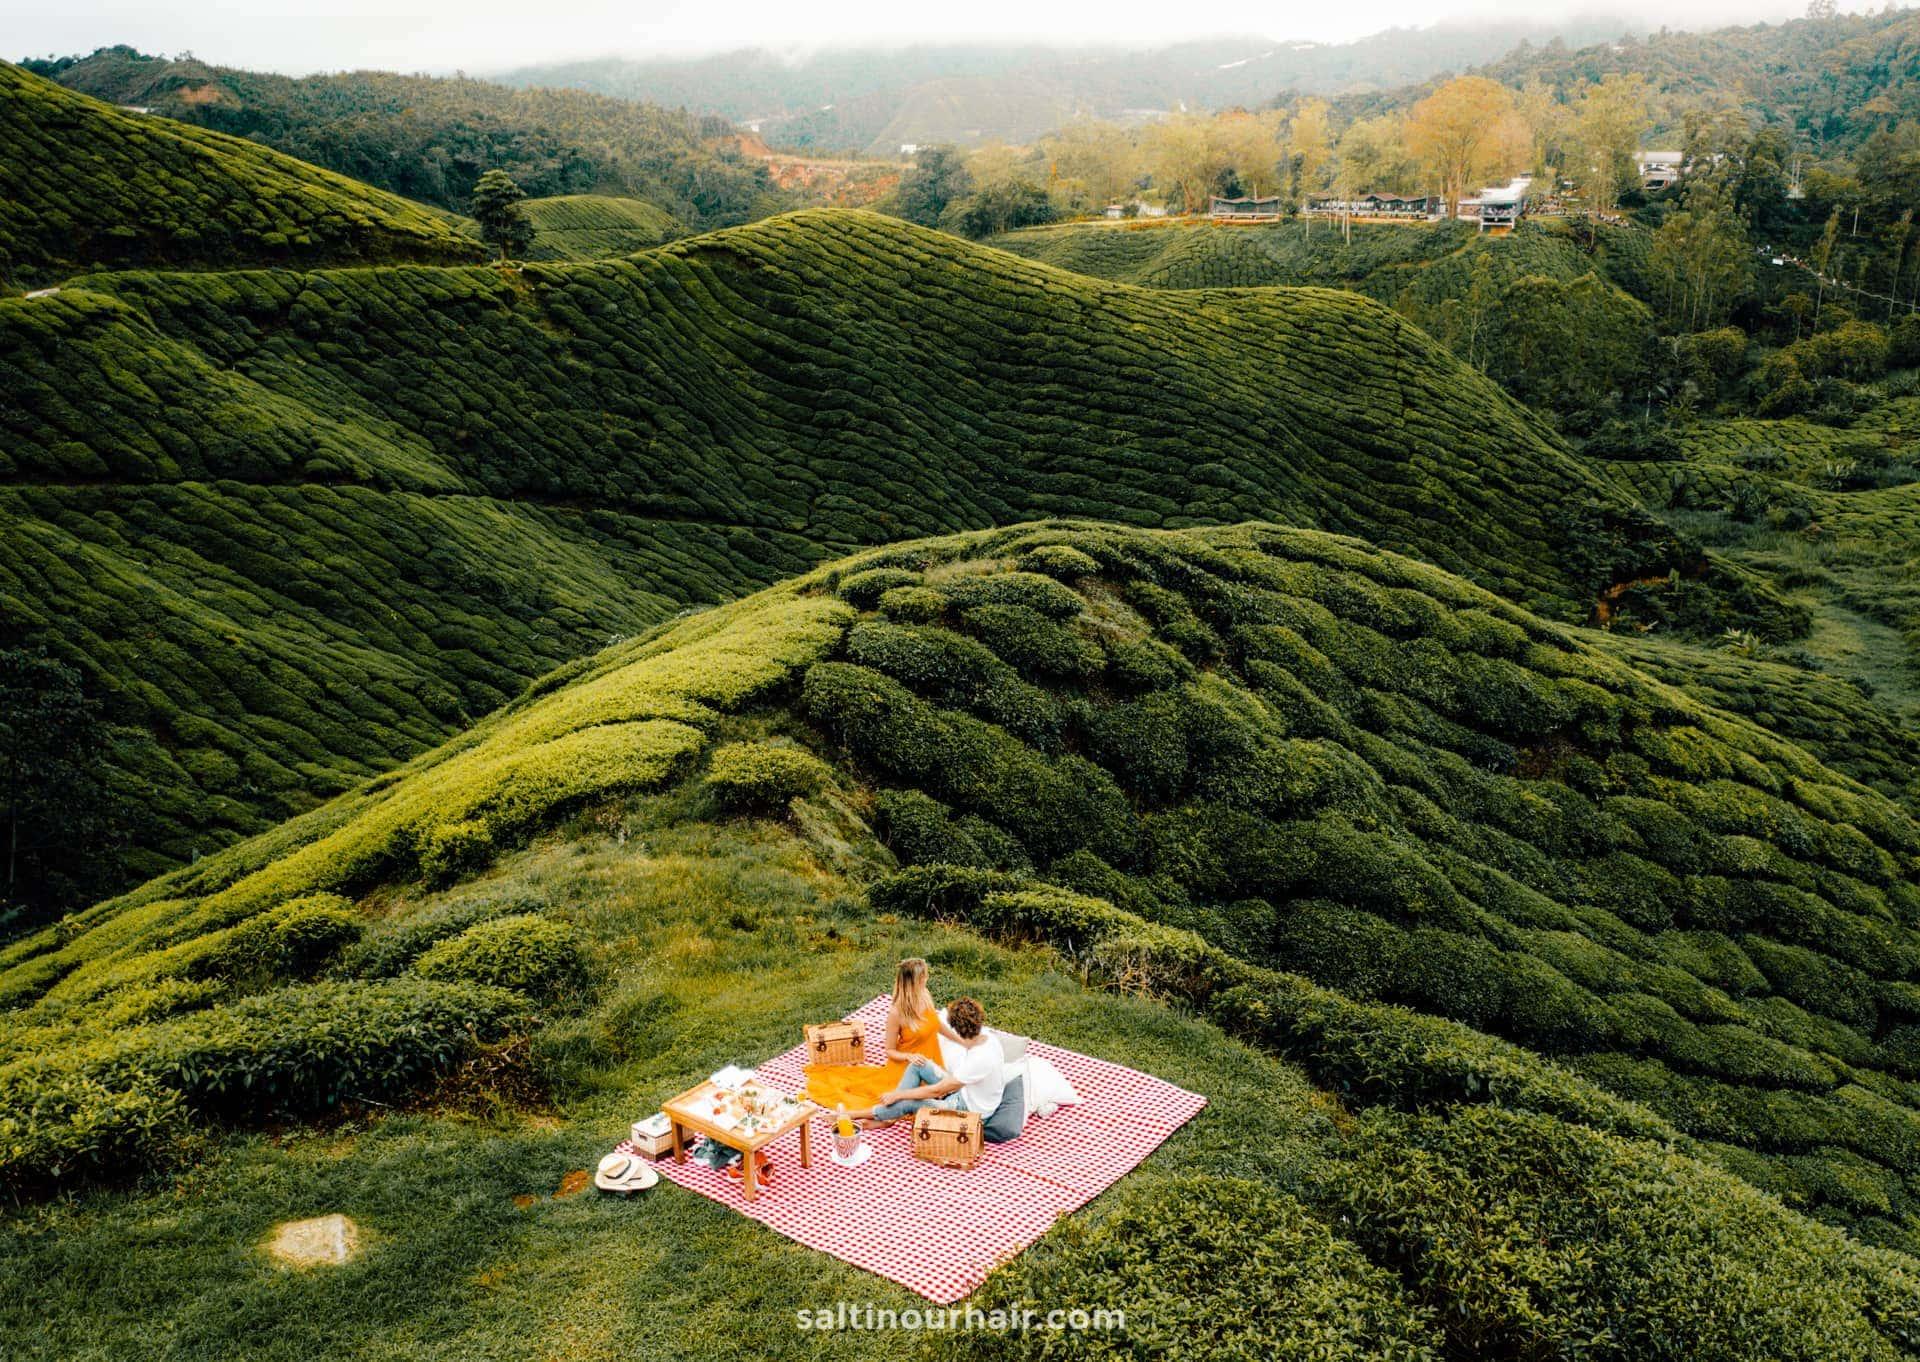 cameron highlands resort tea plantations picnic